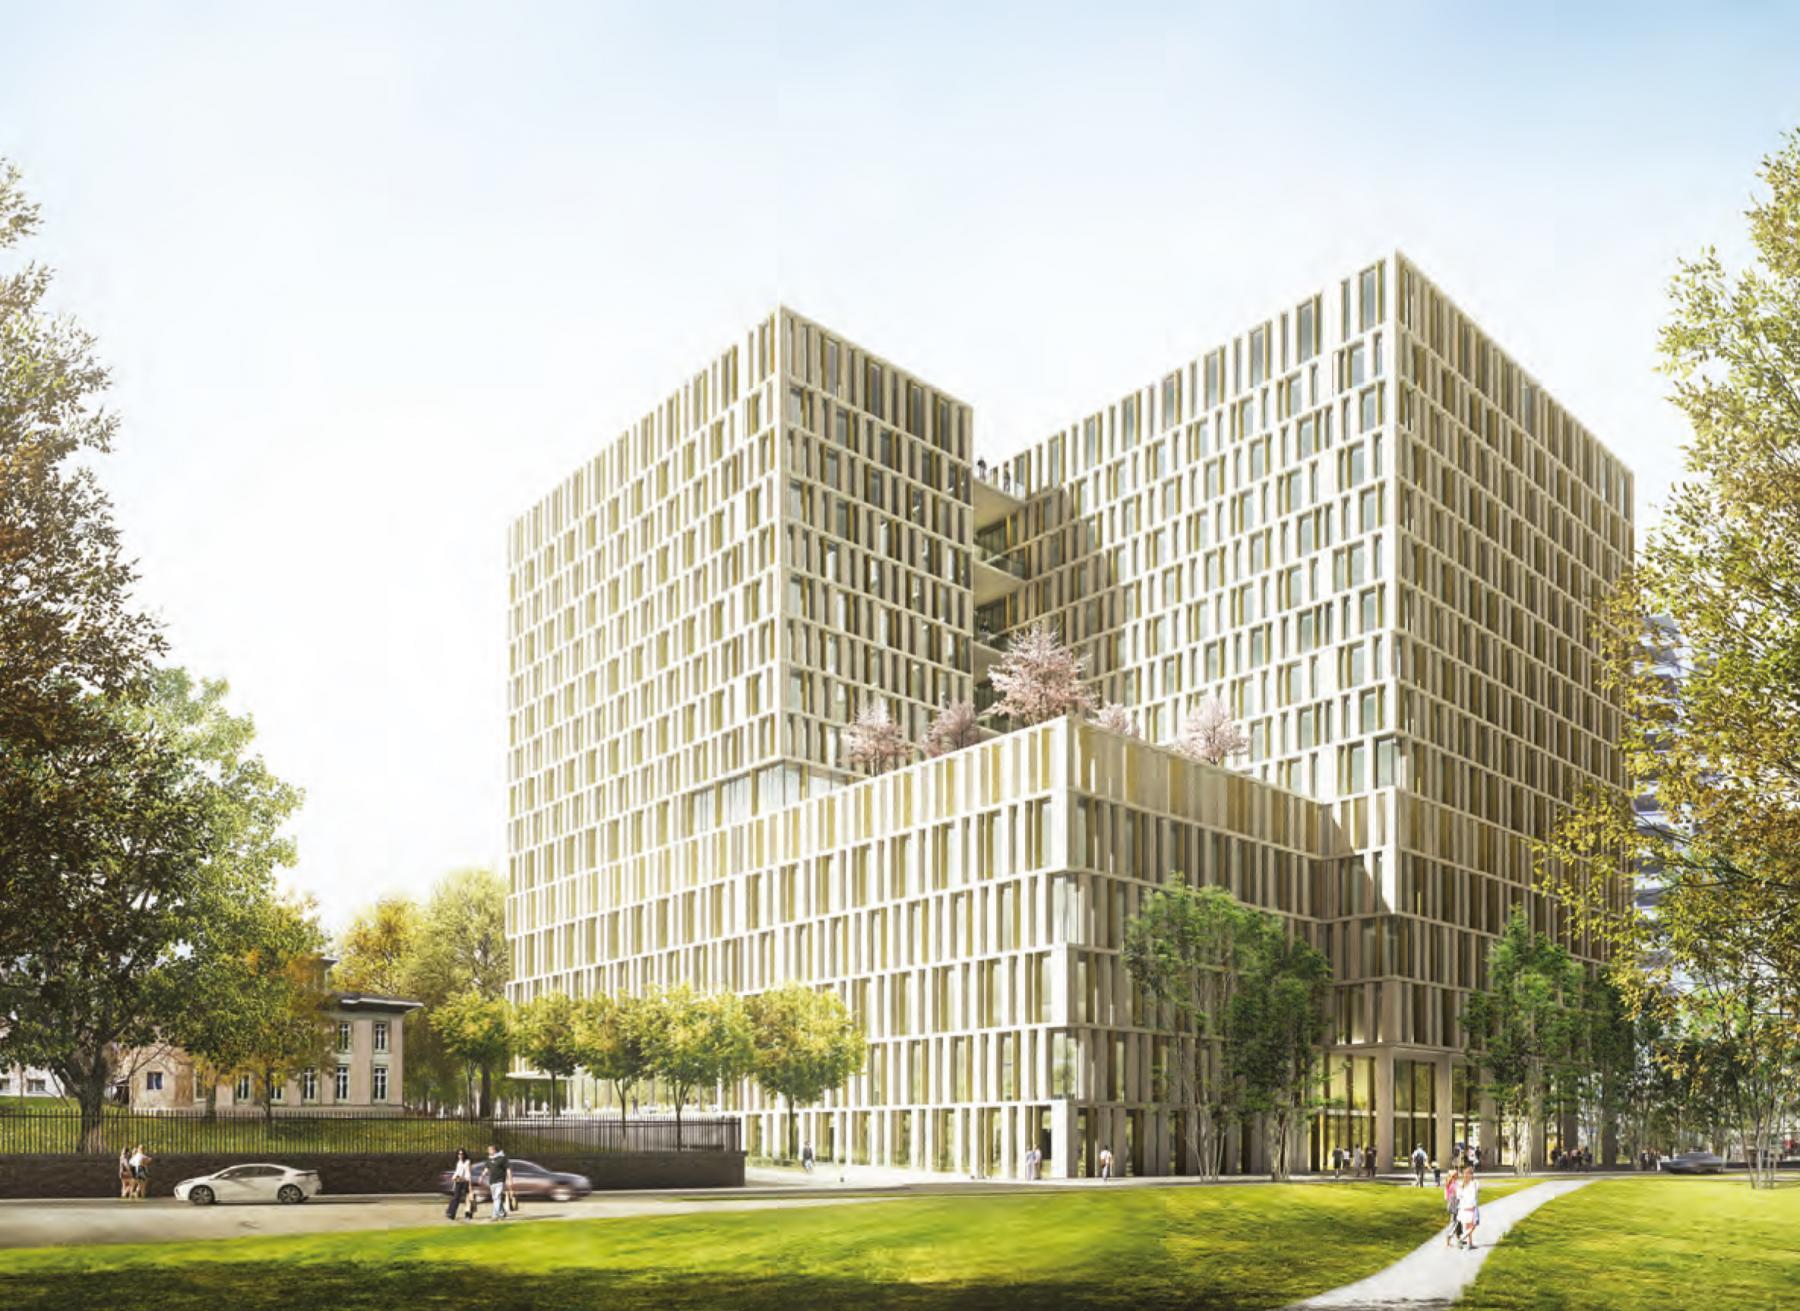 Universitätsspital Bern Inselspital Erster Neubau (Baufeld 12 aus dem Masterplan) mit dem Schweizerischen Herz- und Gefässzentrum, Team Island Twelve, ARGE IAAG Architekten | GWJ Architektur, Coeur de l'Île